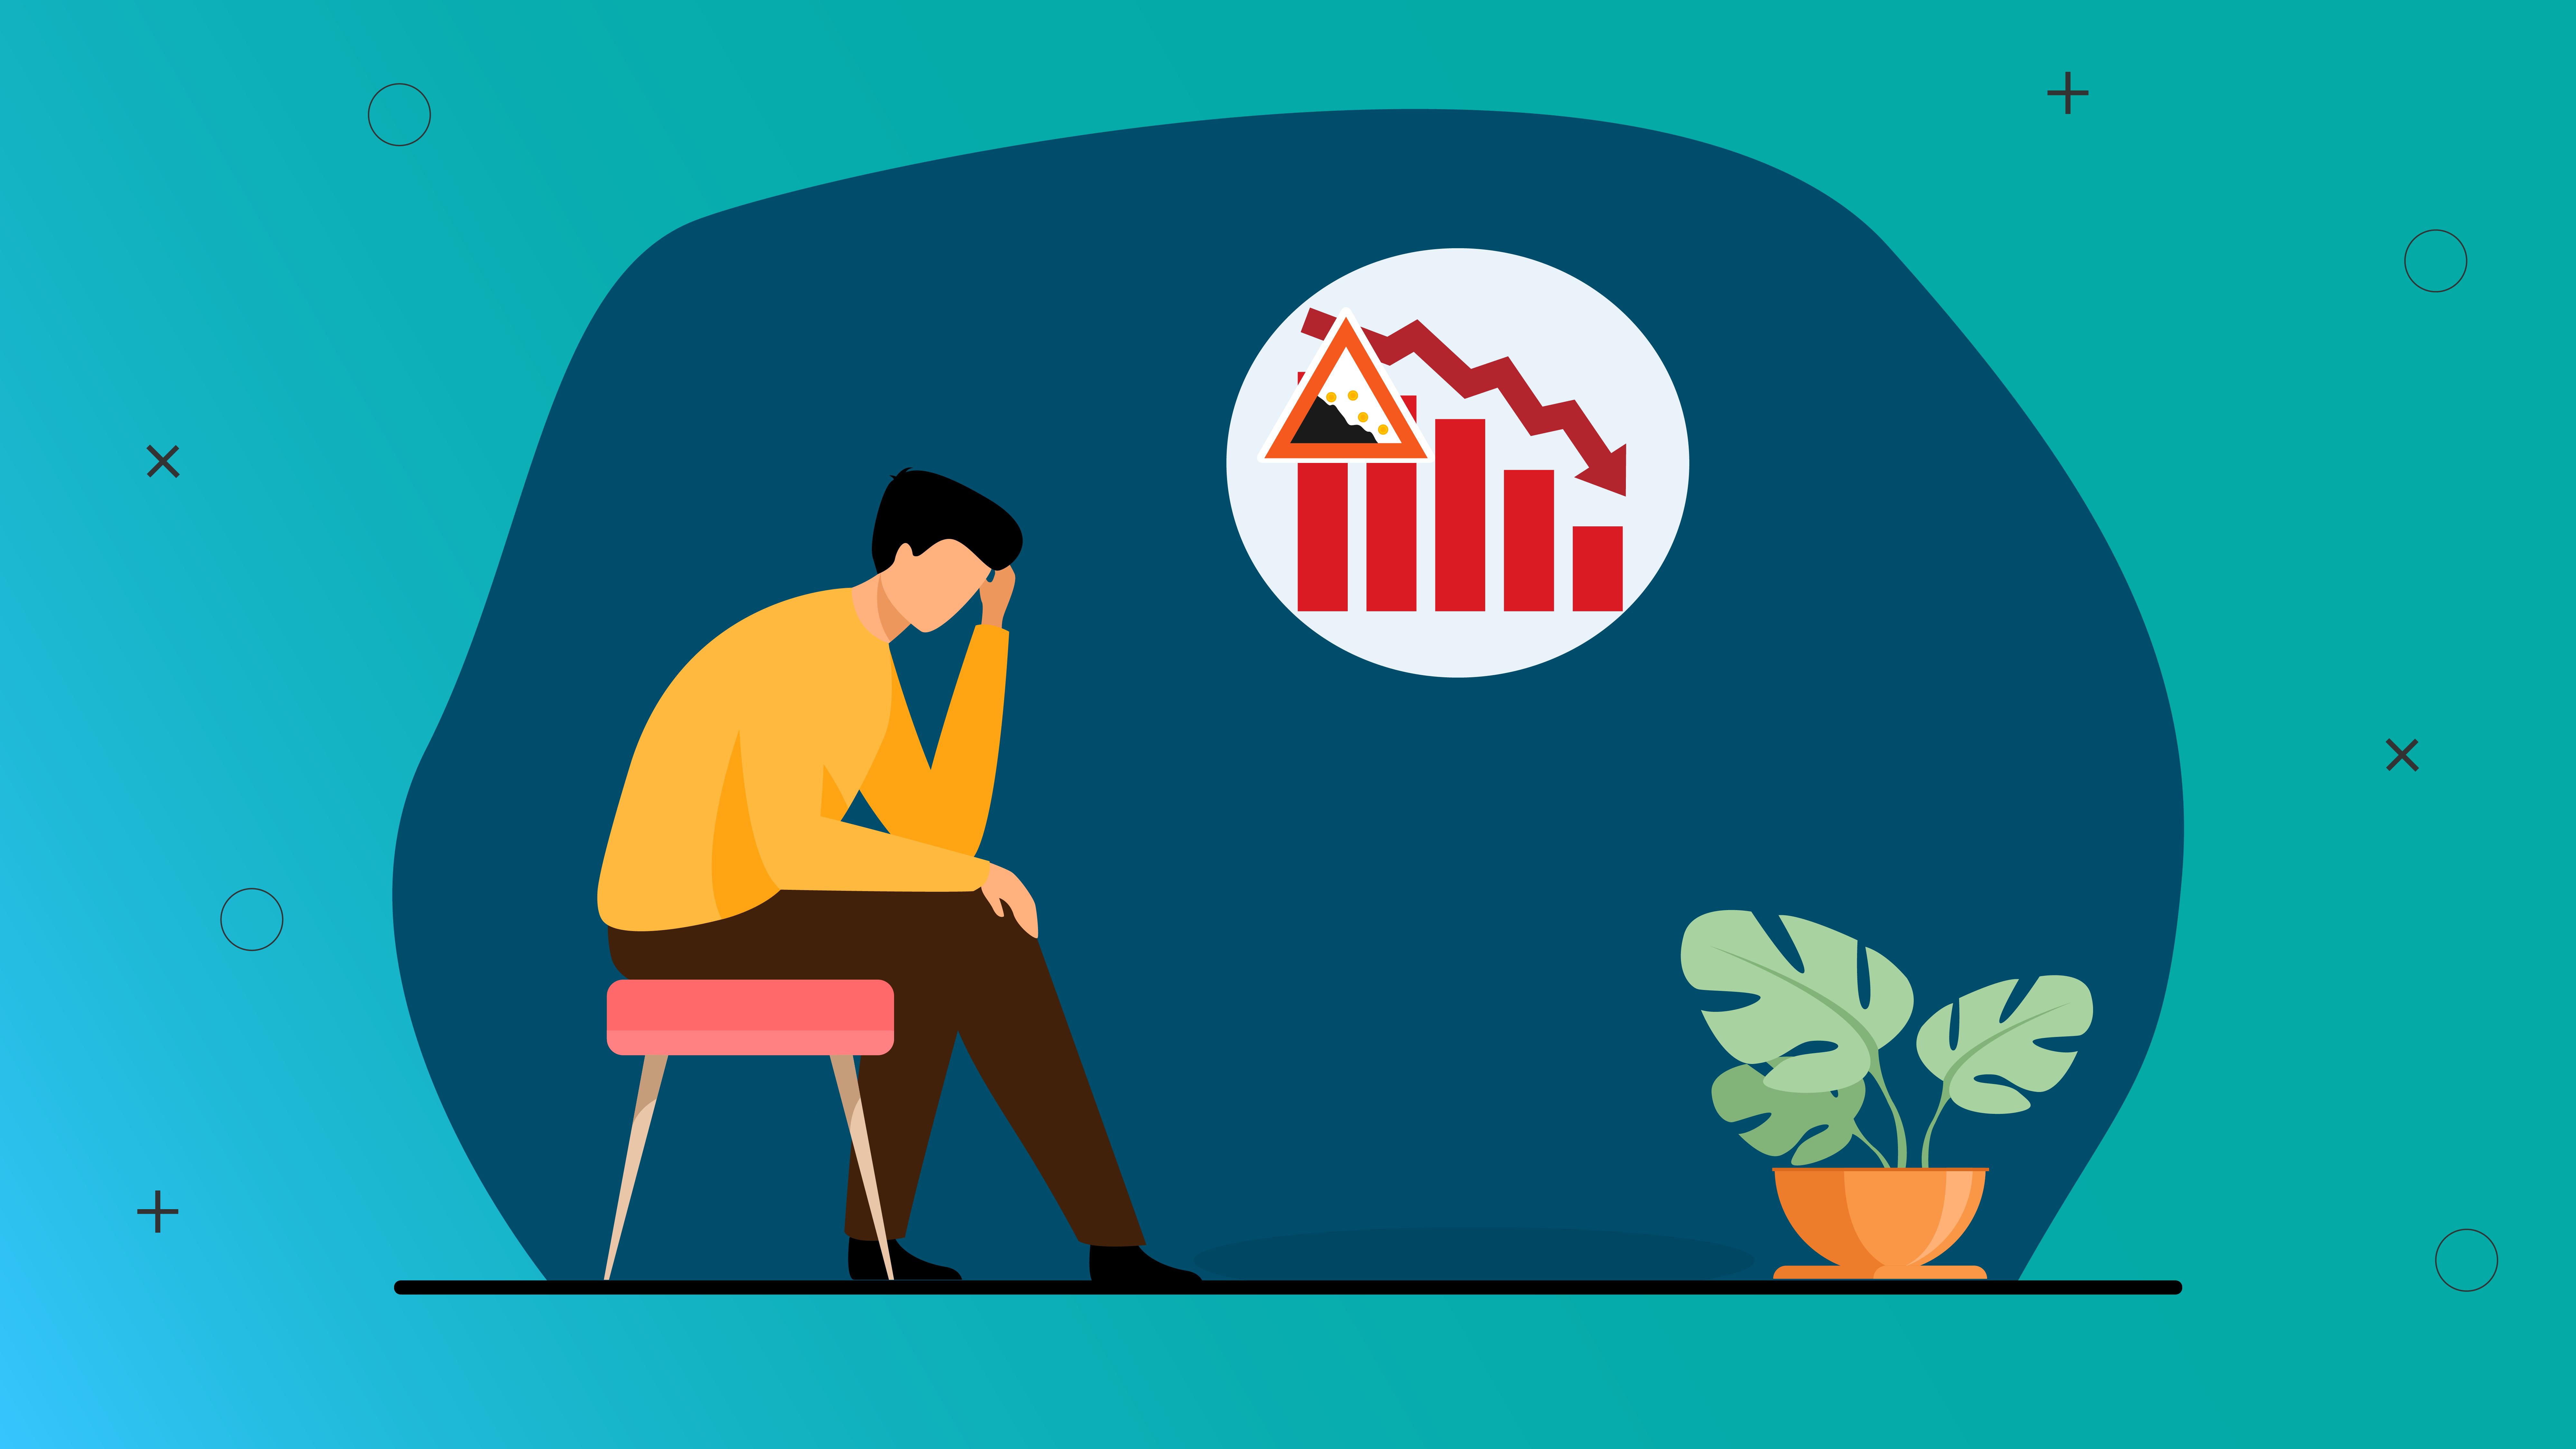 چرا توجه به هزینه فرصت و تورم در سرمایه گذاری مهم است؟